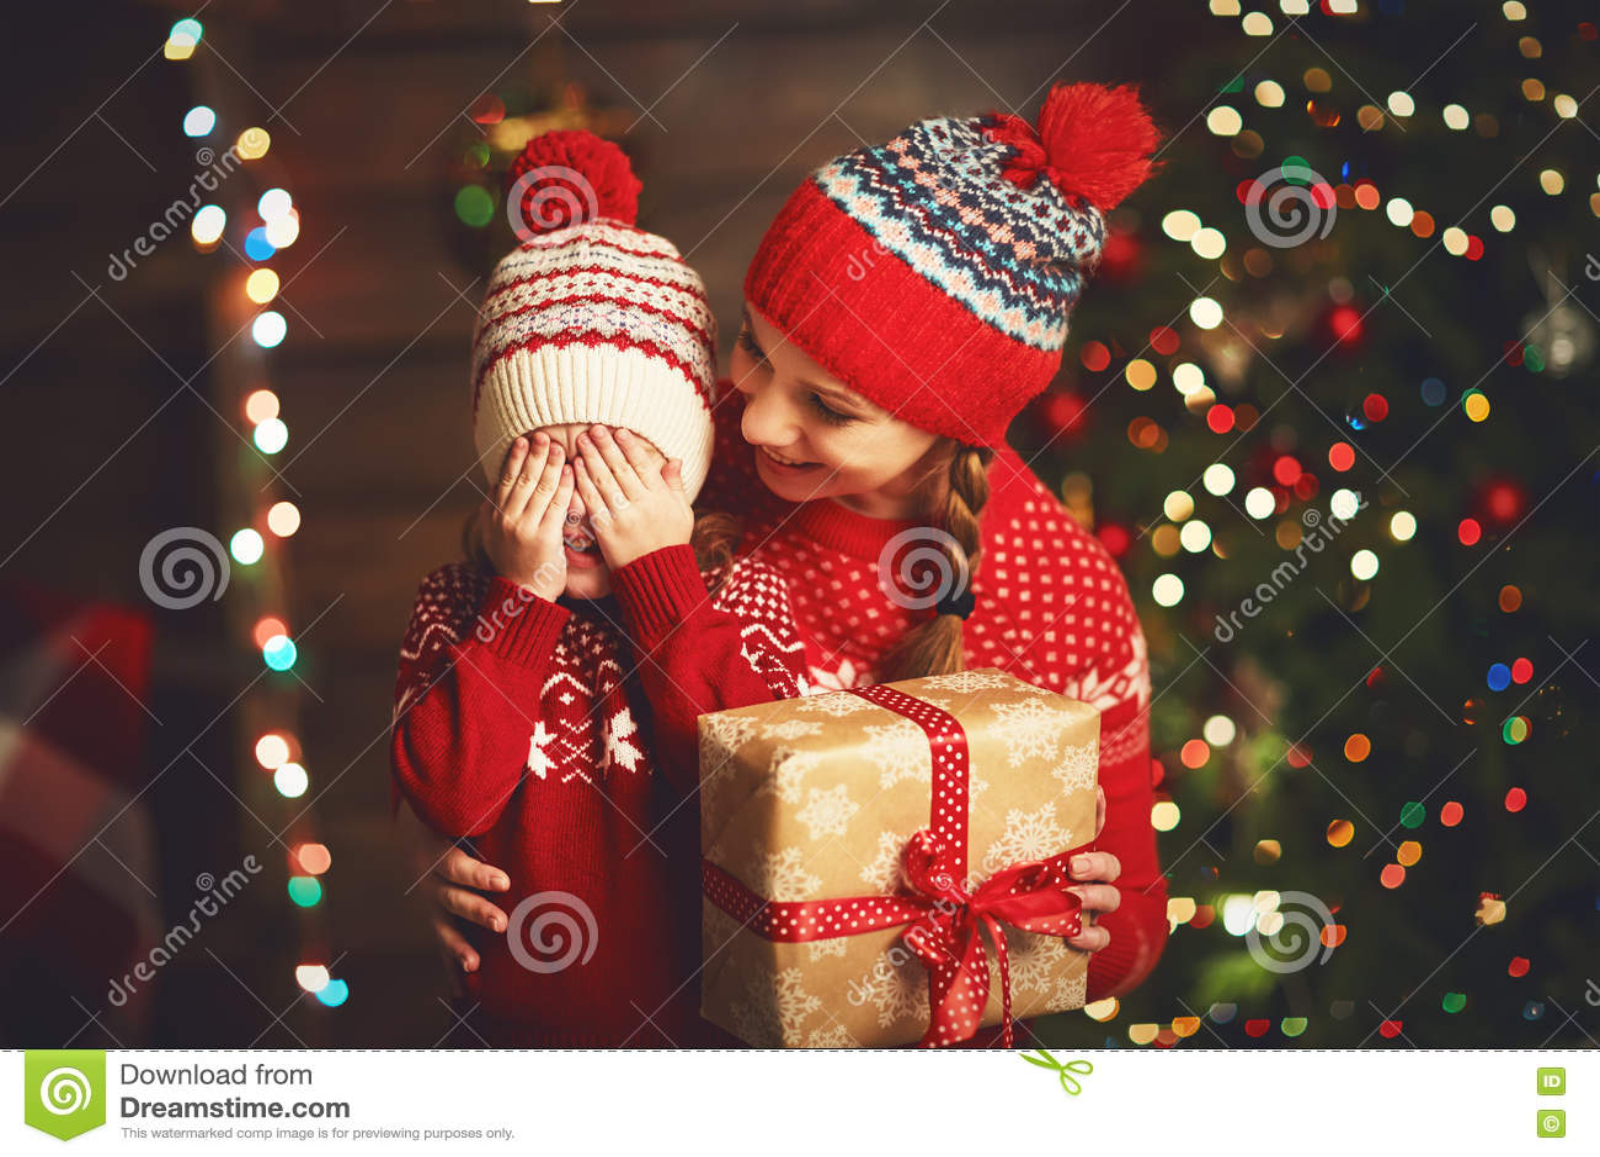 Glückliche Familienmutter Und Kindermädchen Mit Weihnachtsgeschenk ...